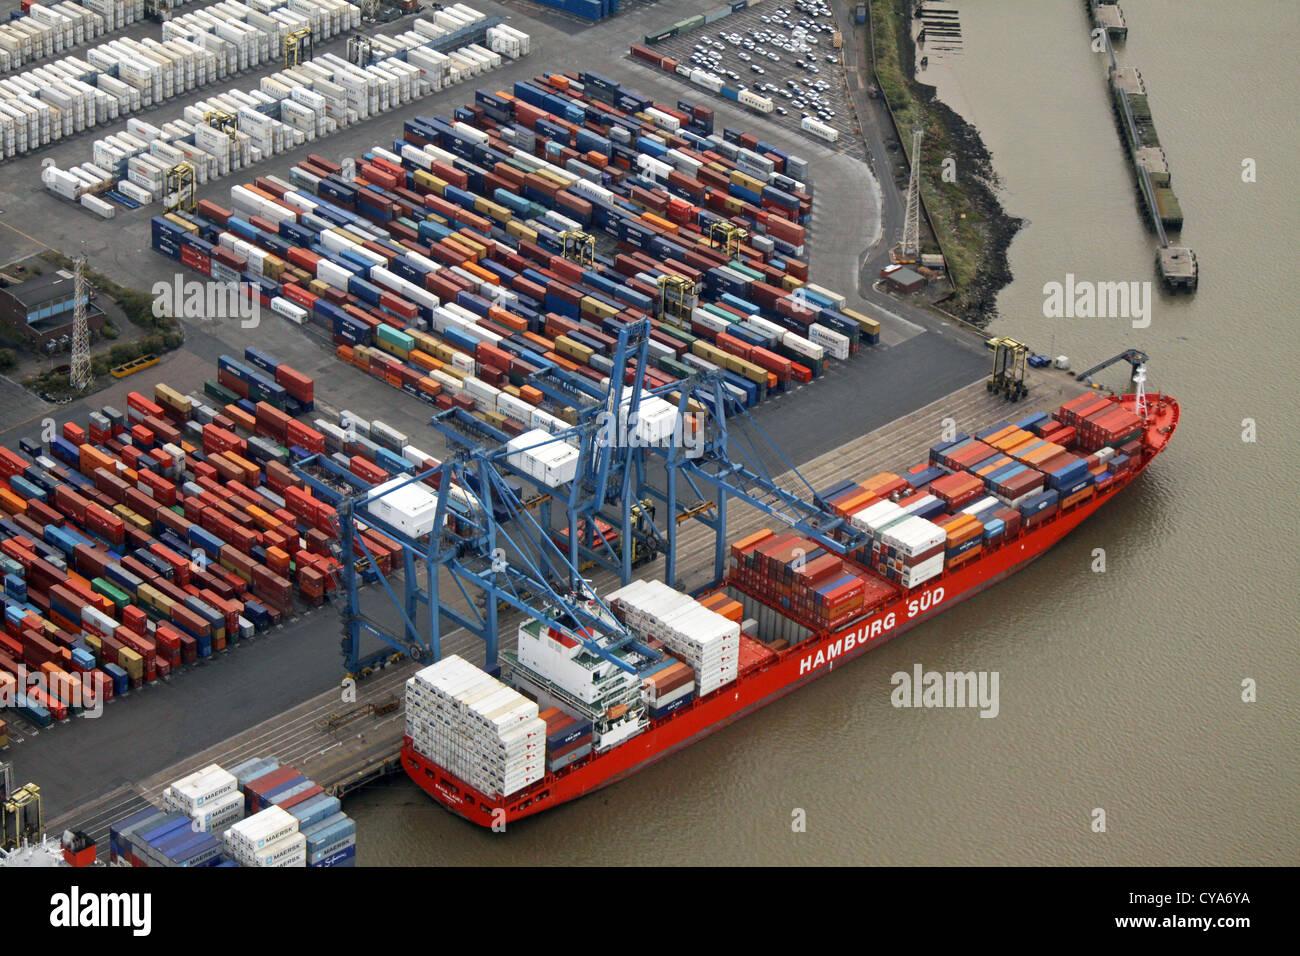 Vista aerea di una nave portacontainer la Hamburg Sud a Tilbury Docks, Essex, Regno Unito Immagini Stock